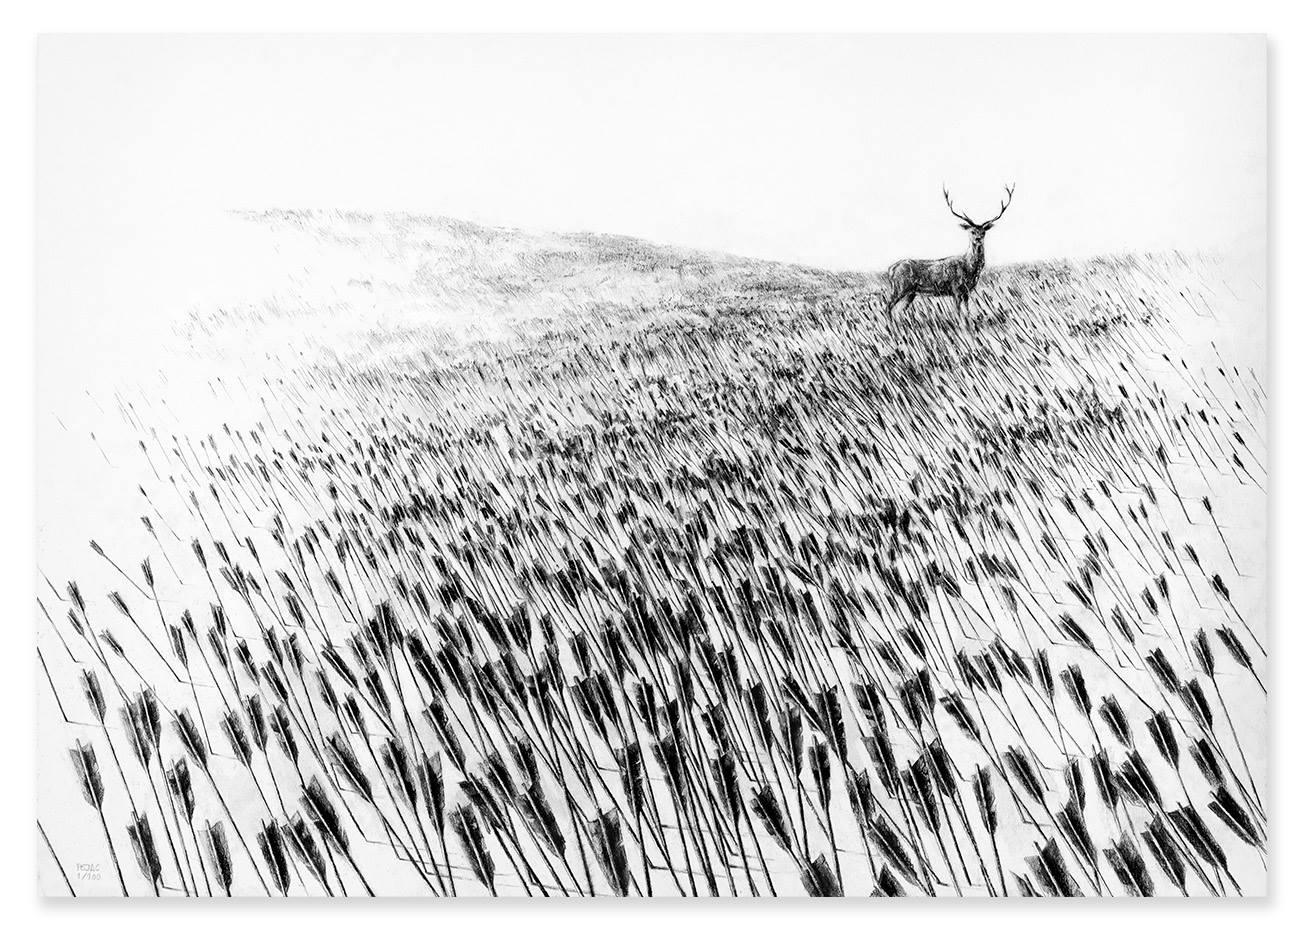 pejac meadow